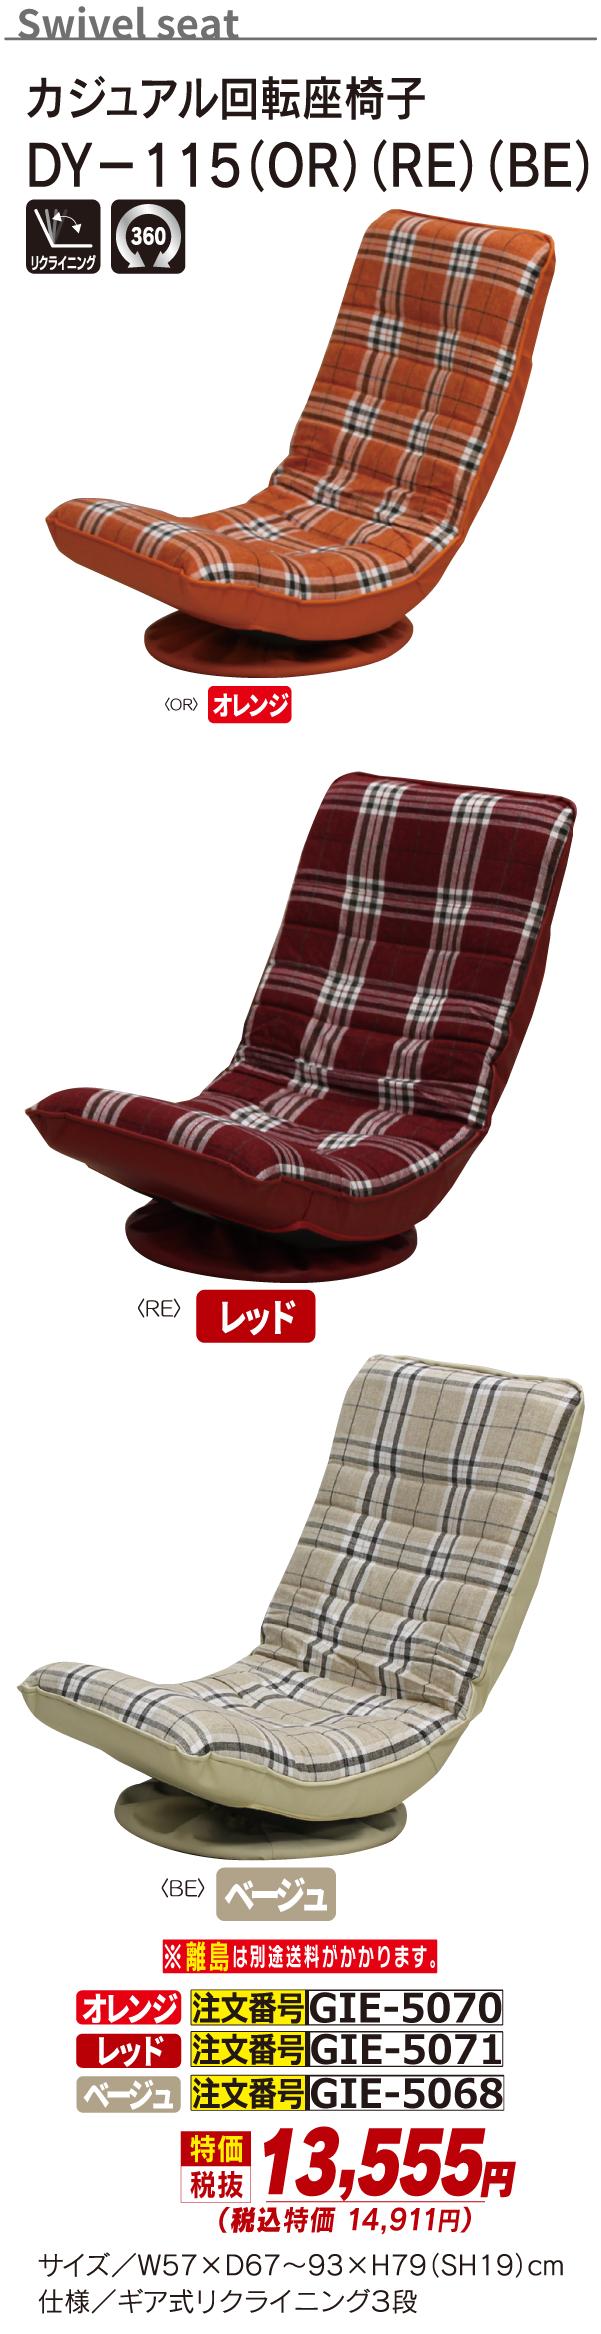 5068_カジュアル座椅子_DY-115